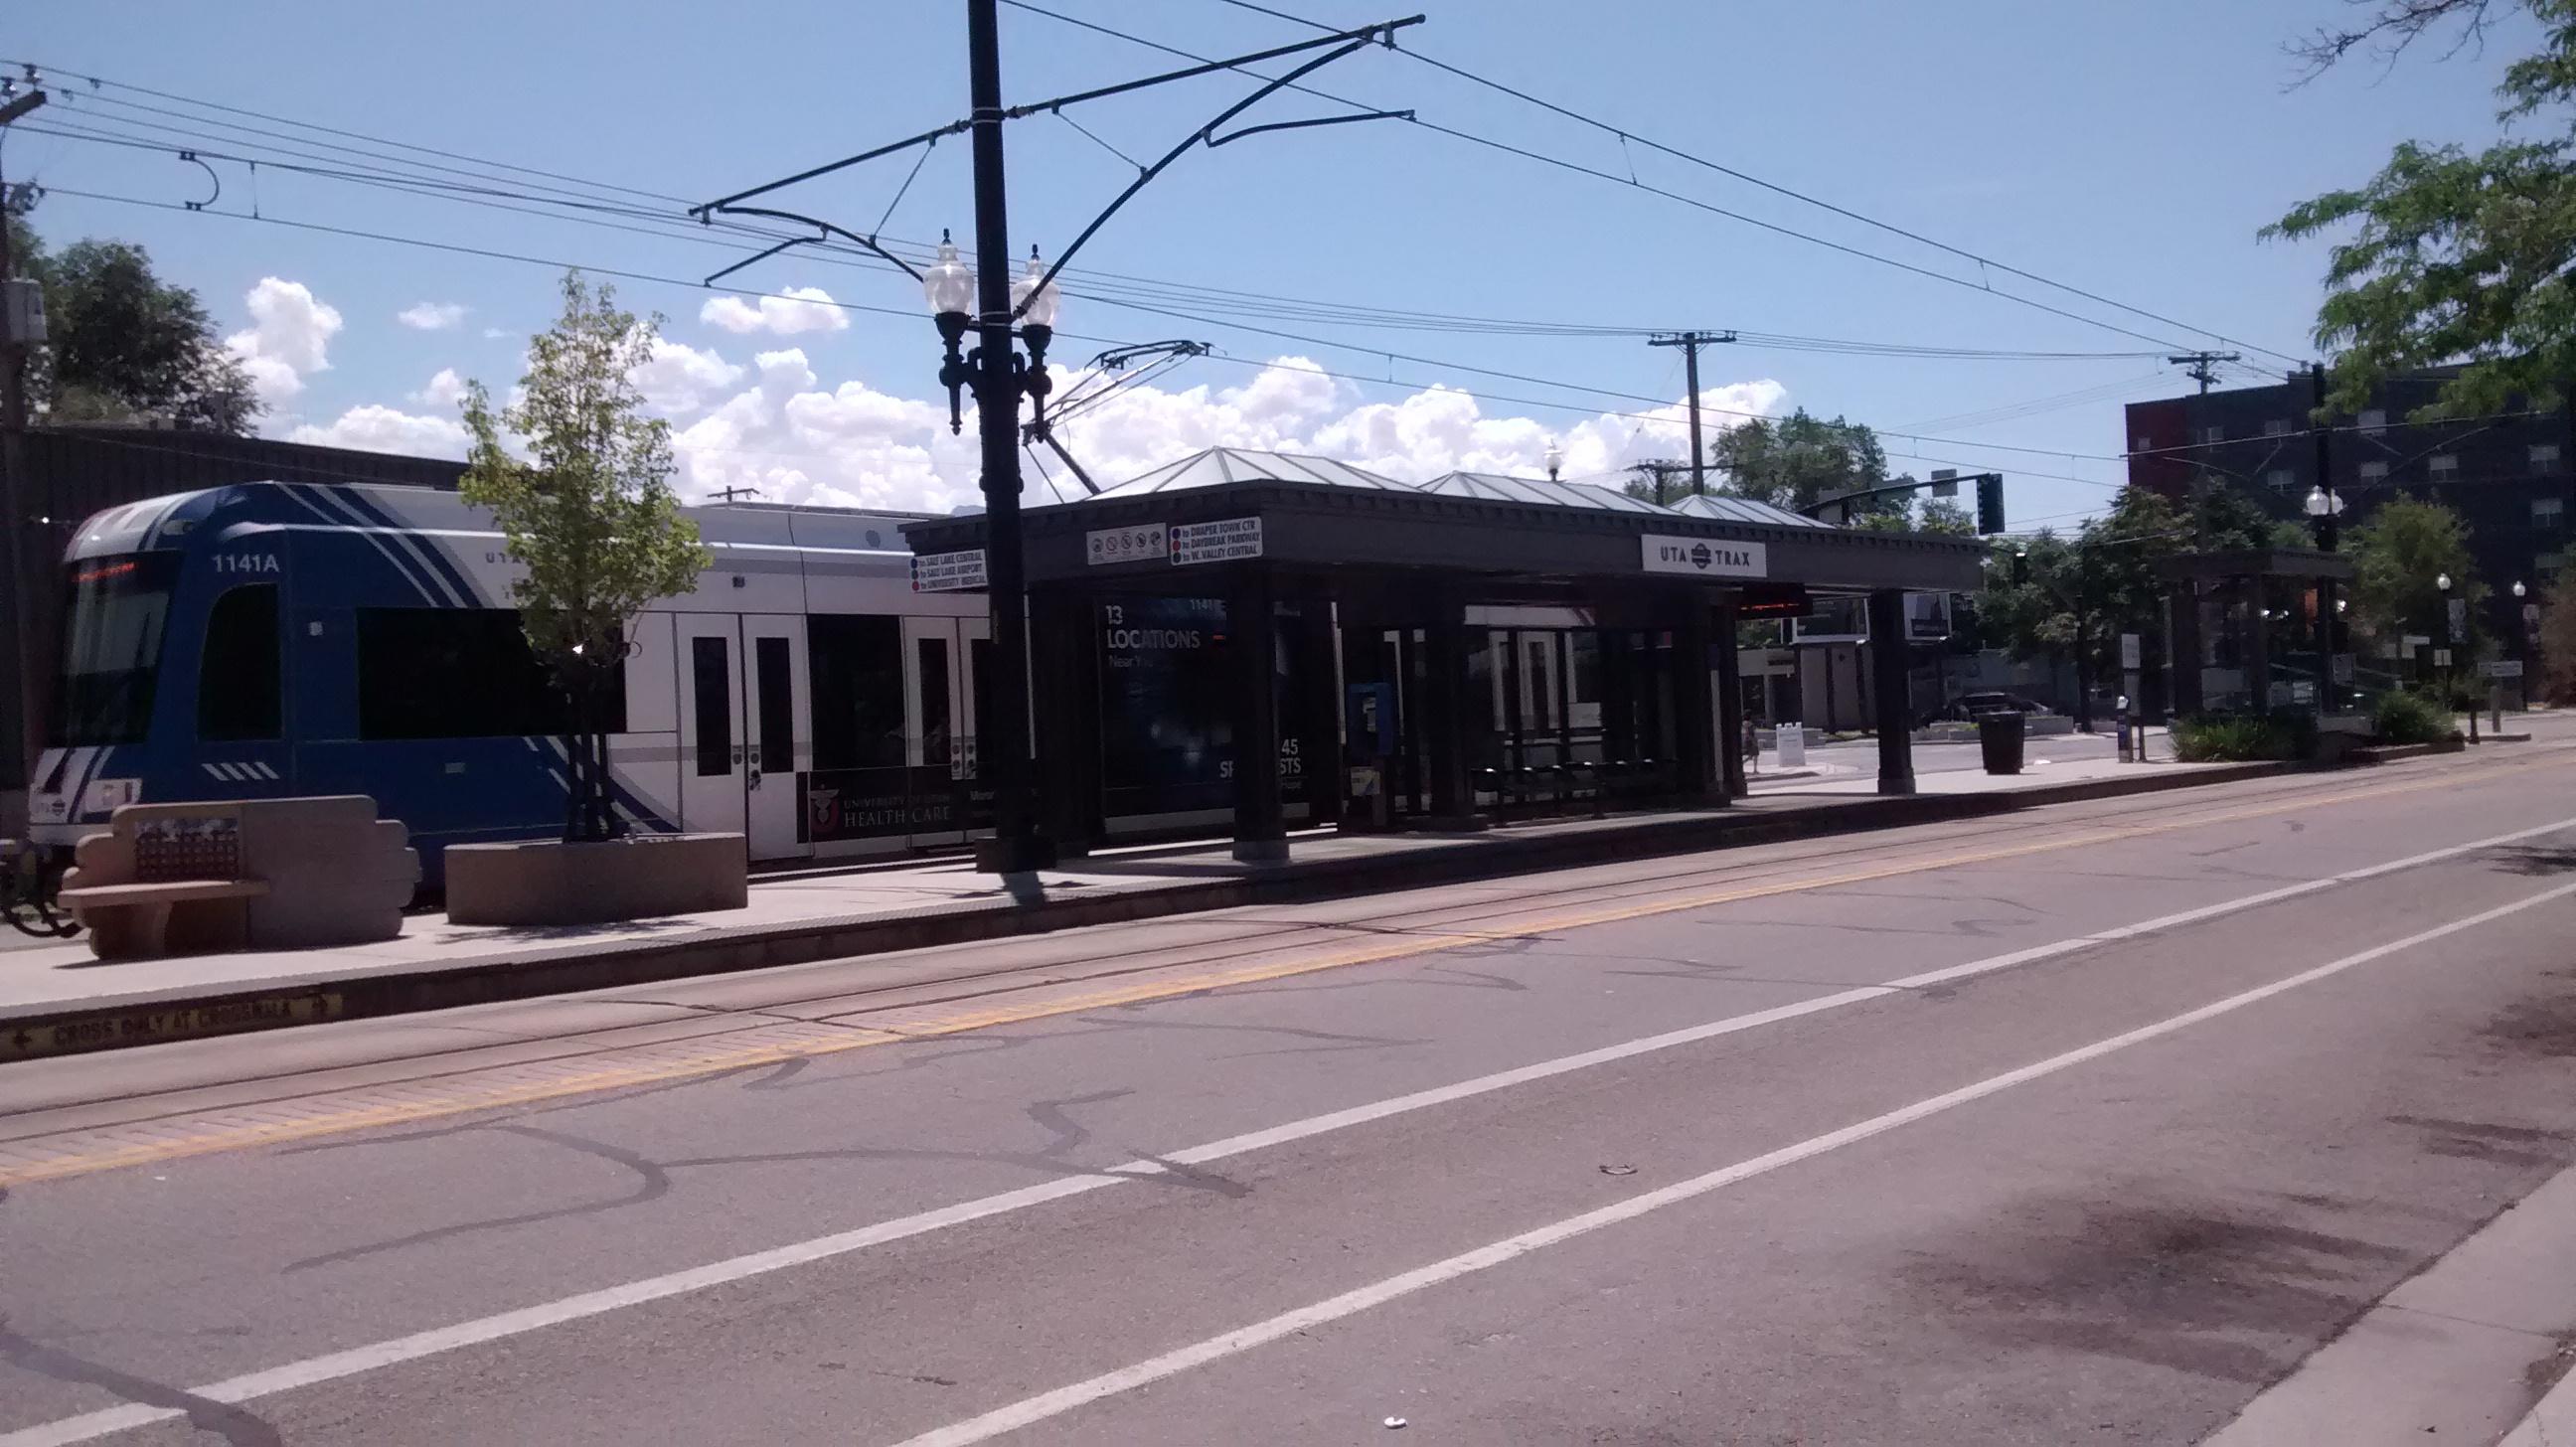 900 South station - Wikipedia